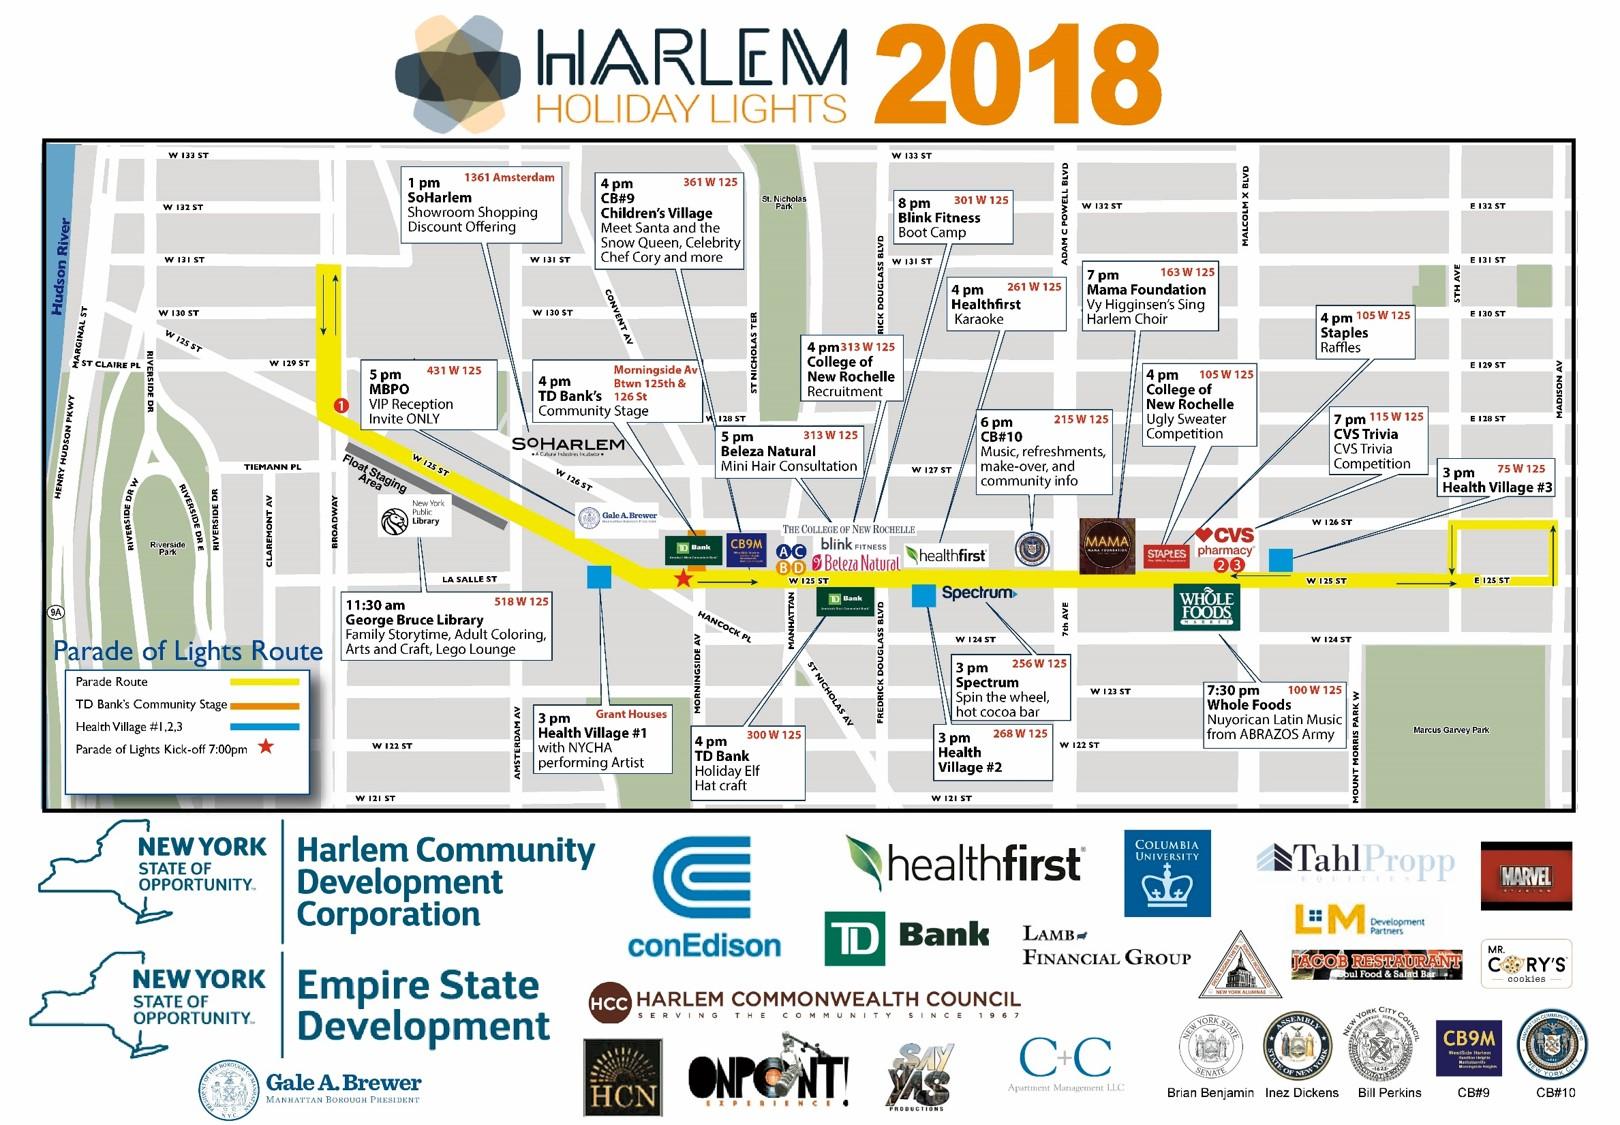 Final Harlem Holiday Lights 2018 Parade Map v2